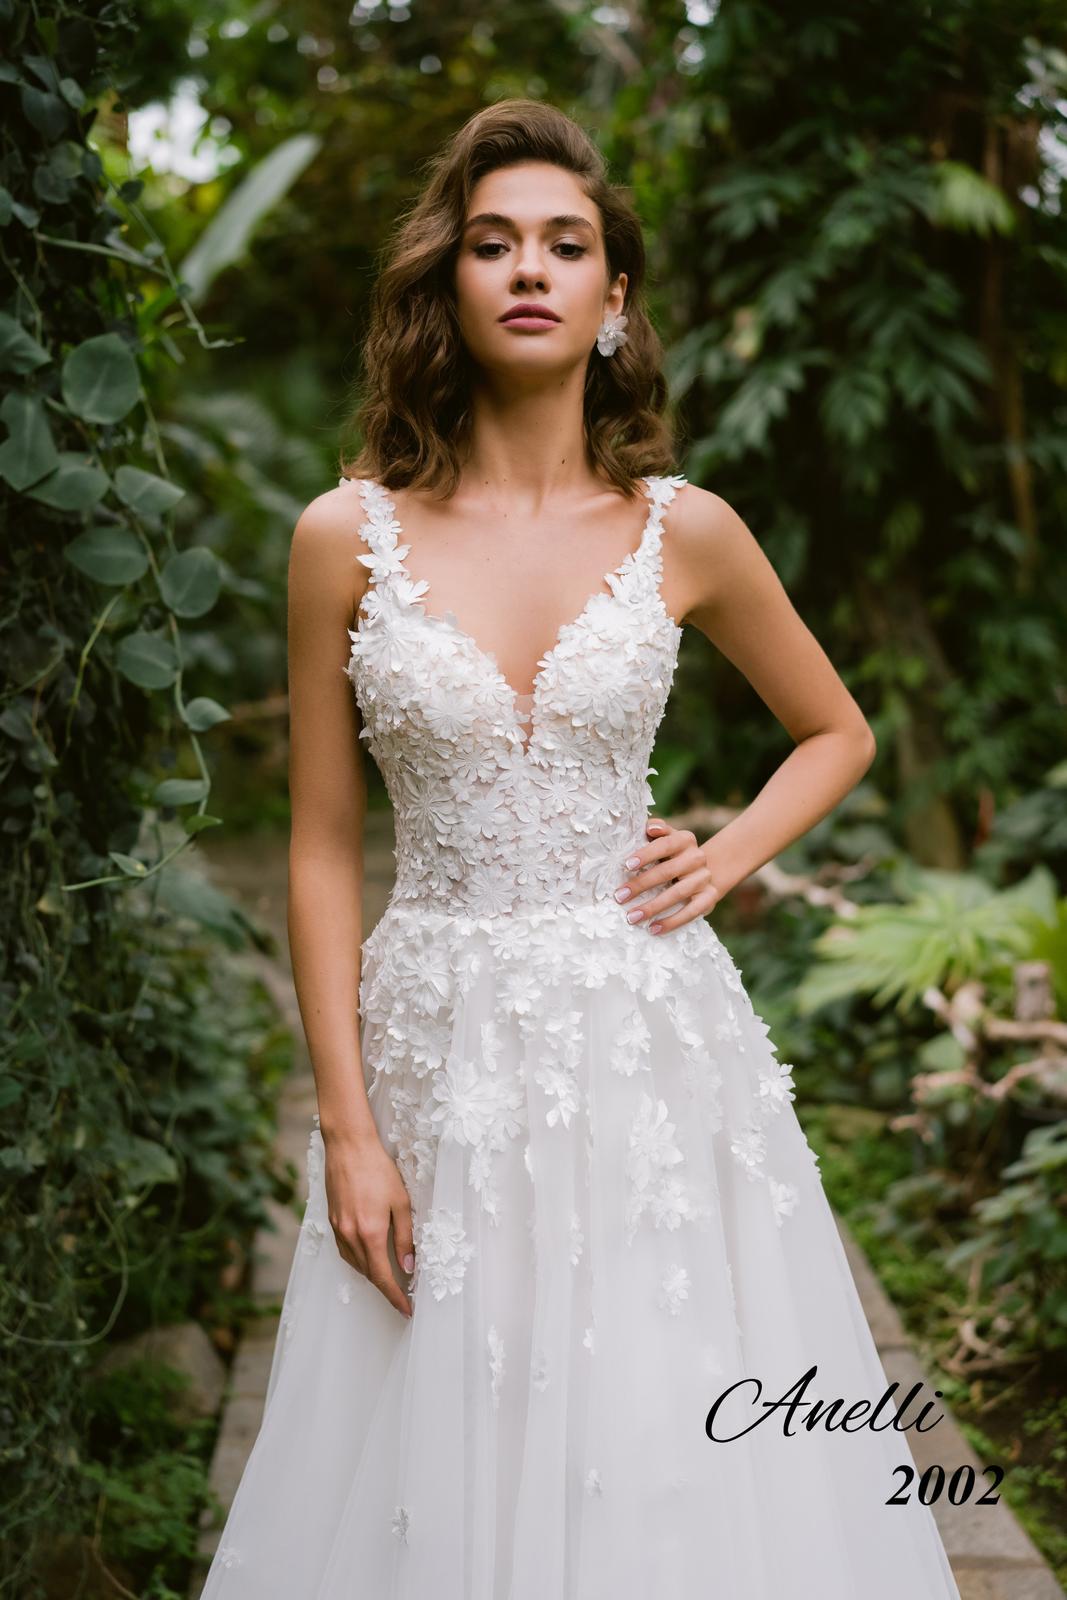 Svadobné šaty - Breeze 2002 - Obrázok č. 1